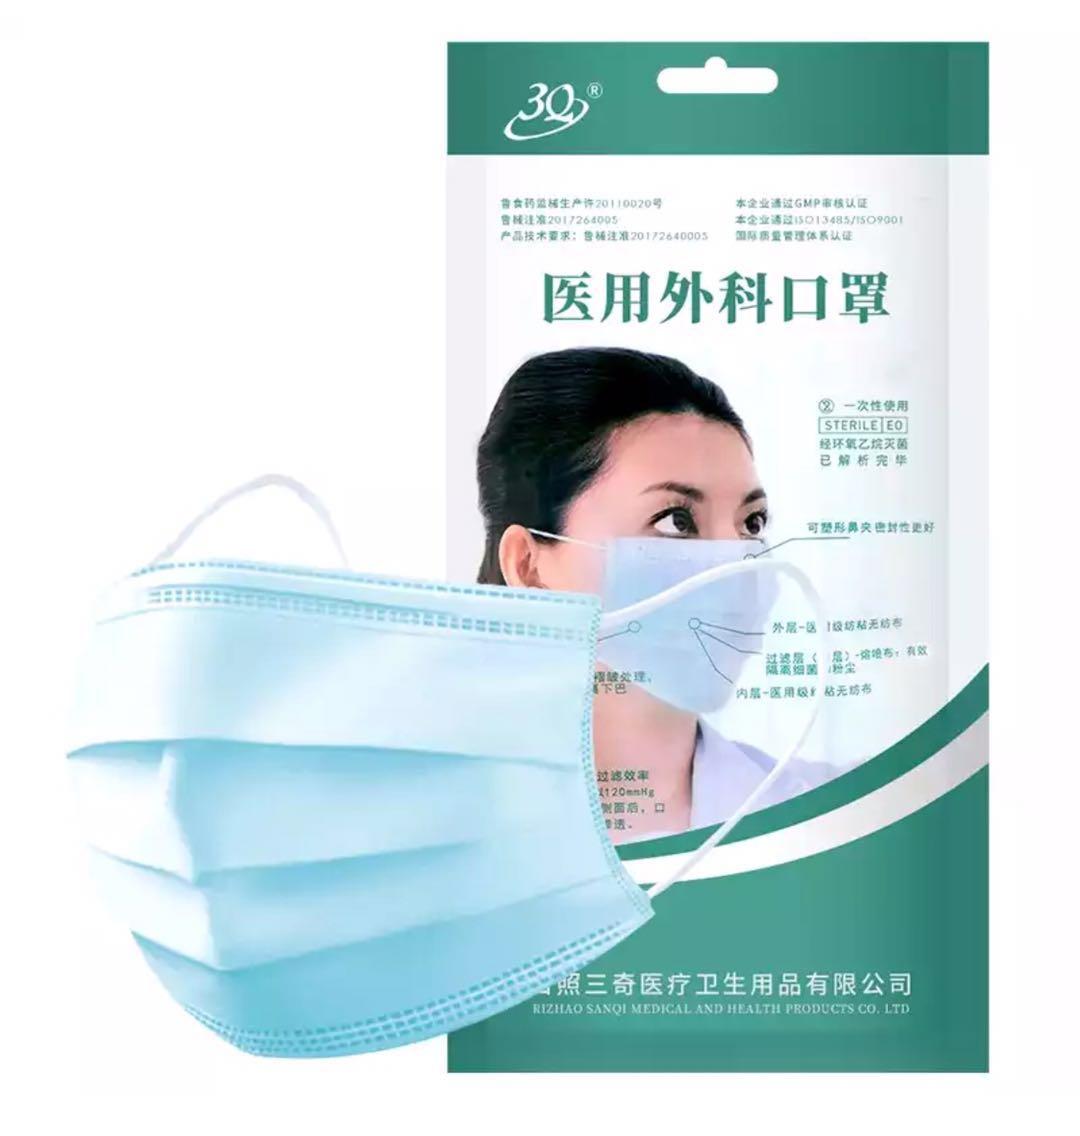 【京东口罩】3Q医用口罩 3层一次性口罩 1袋10只 18元